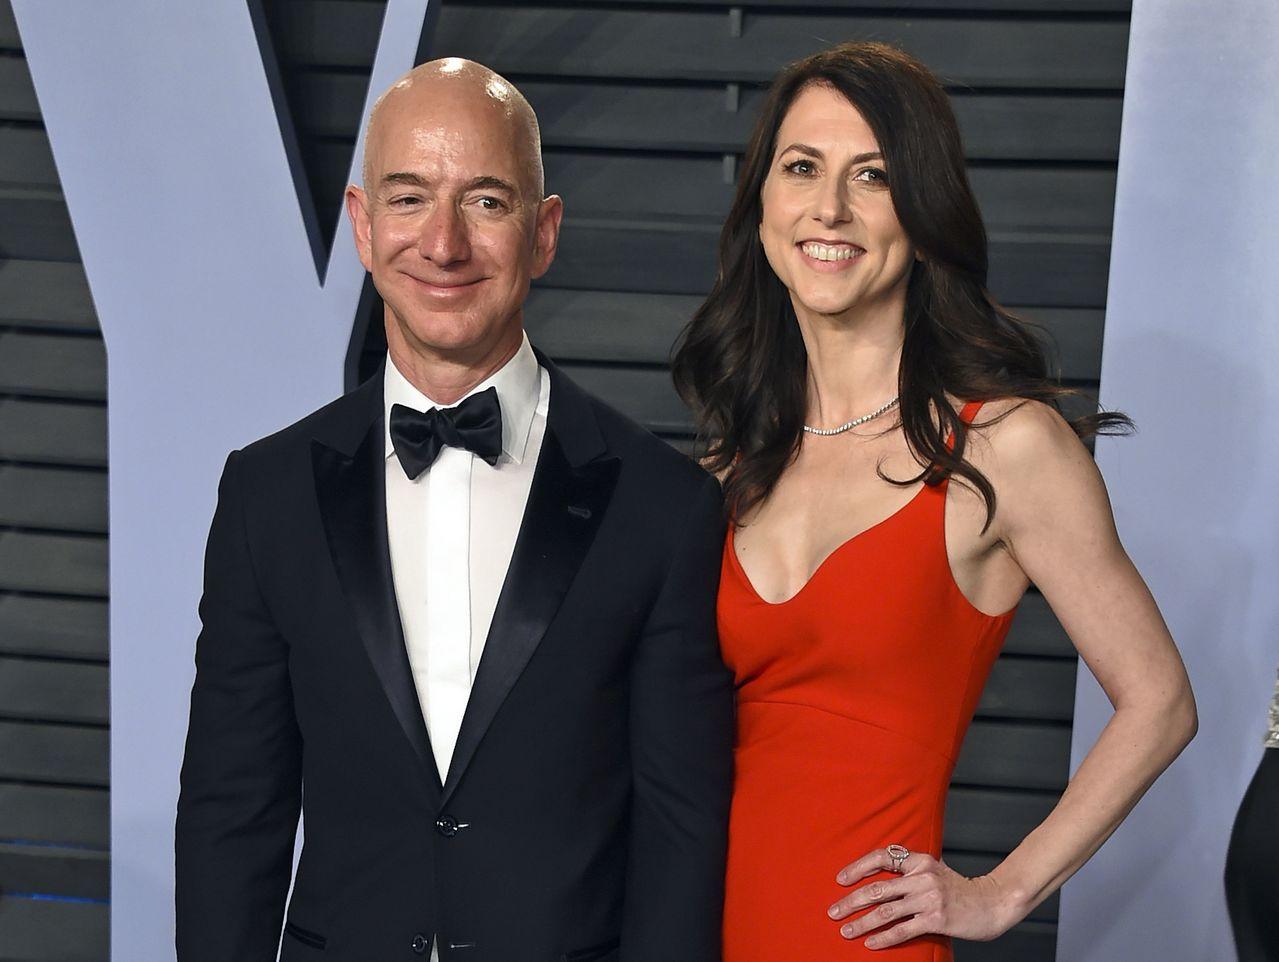 亞馬遜執行長貝佐斯與妻子麥肯琪 。美聯社